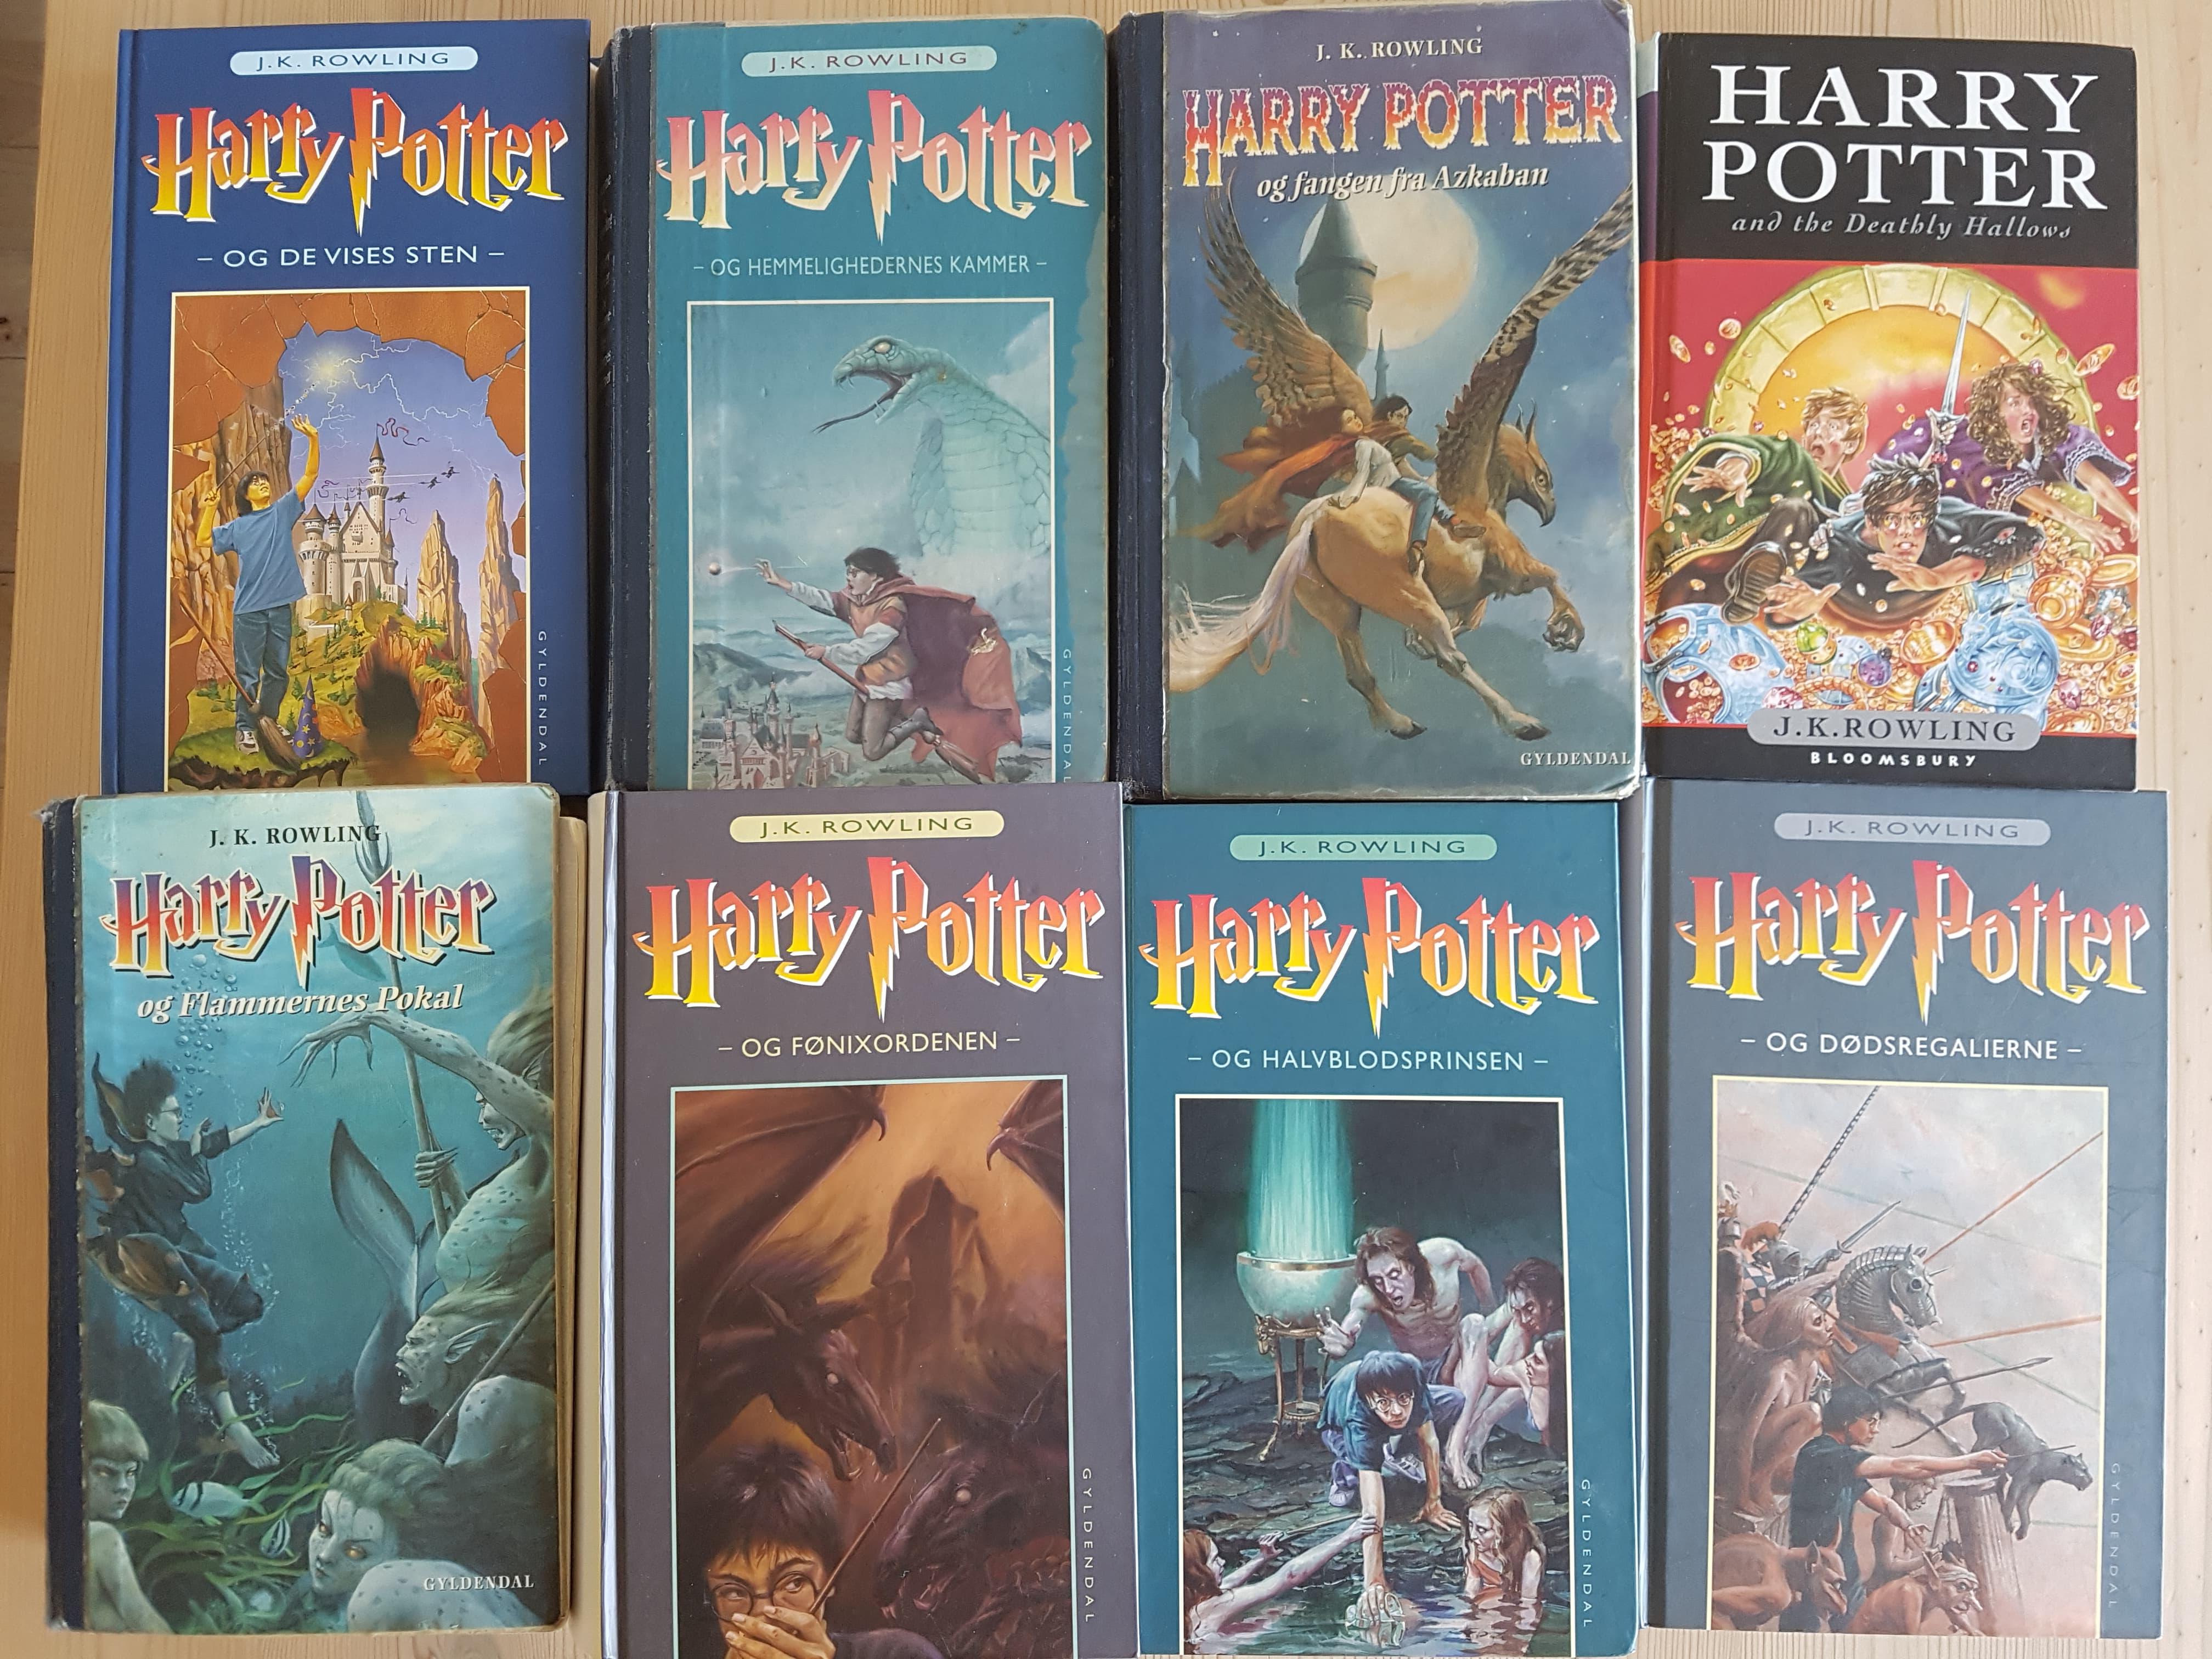 harry potter serien bøger